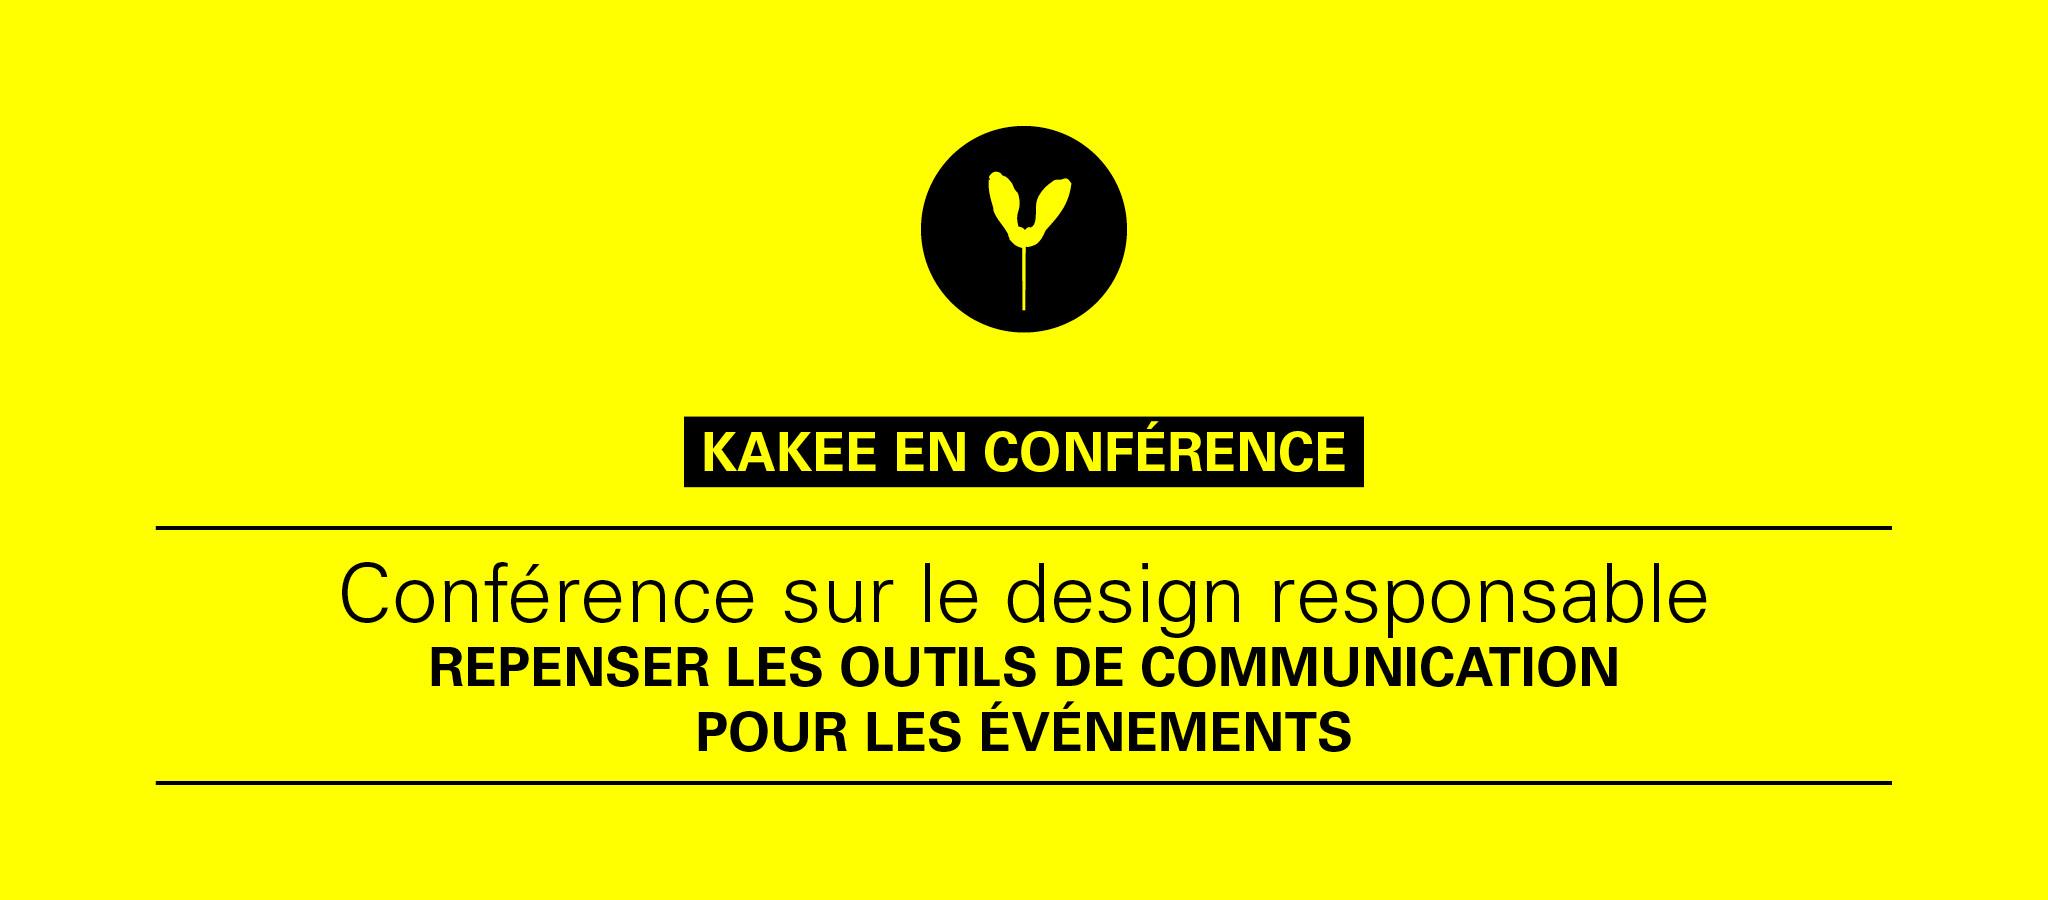 KAKEE donne une conférence à Tourisme Montréal sur le design responsable pour les événements.